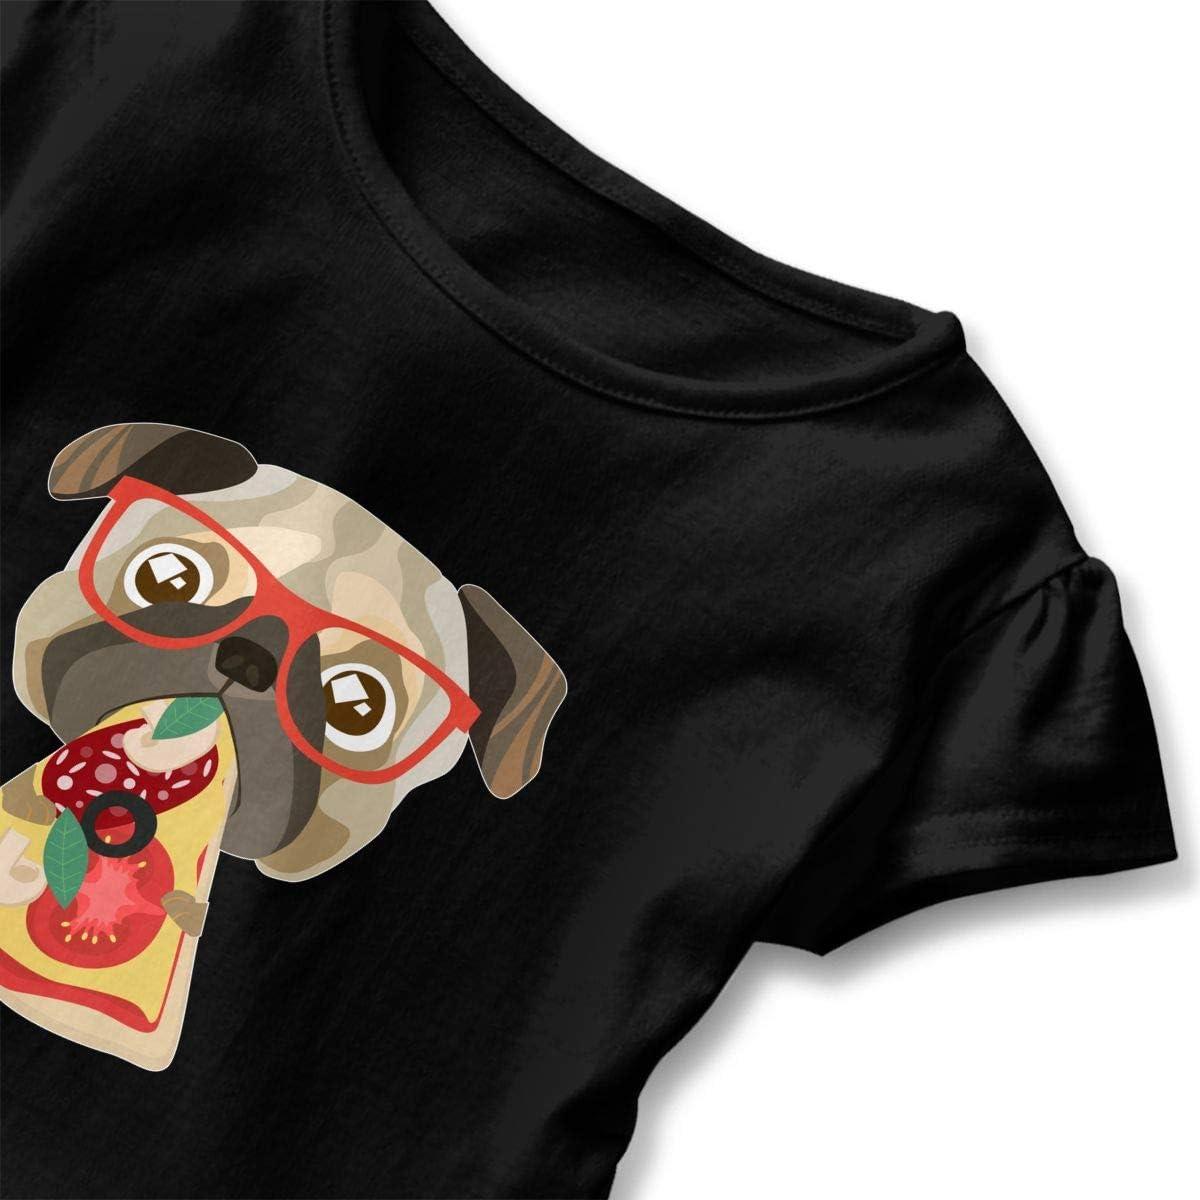 Cheng Jian Bo Pug /& Pizza Toddler Girls T Shirt Kids Cotton Short Sleeve Ruffle Tee